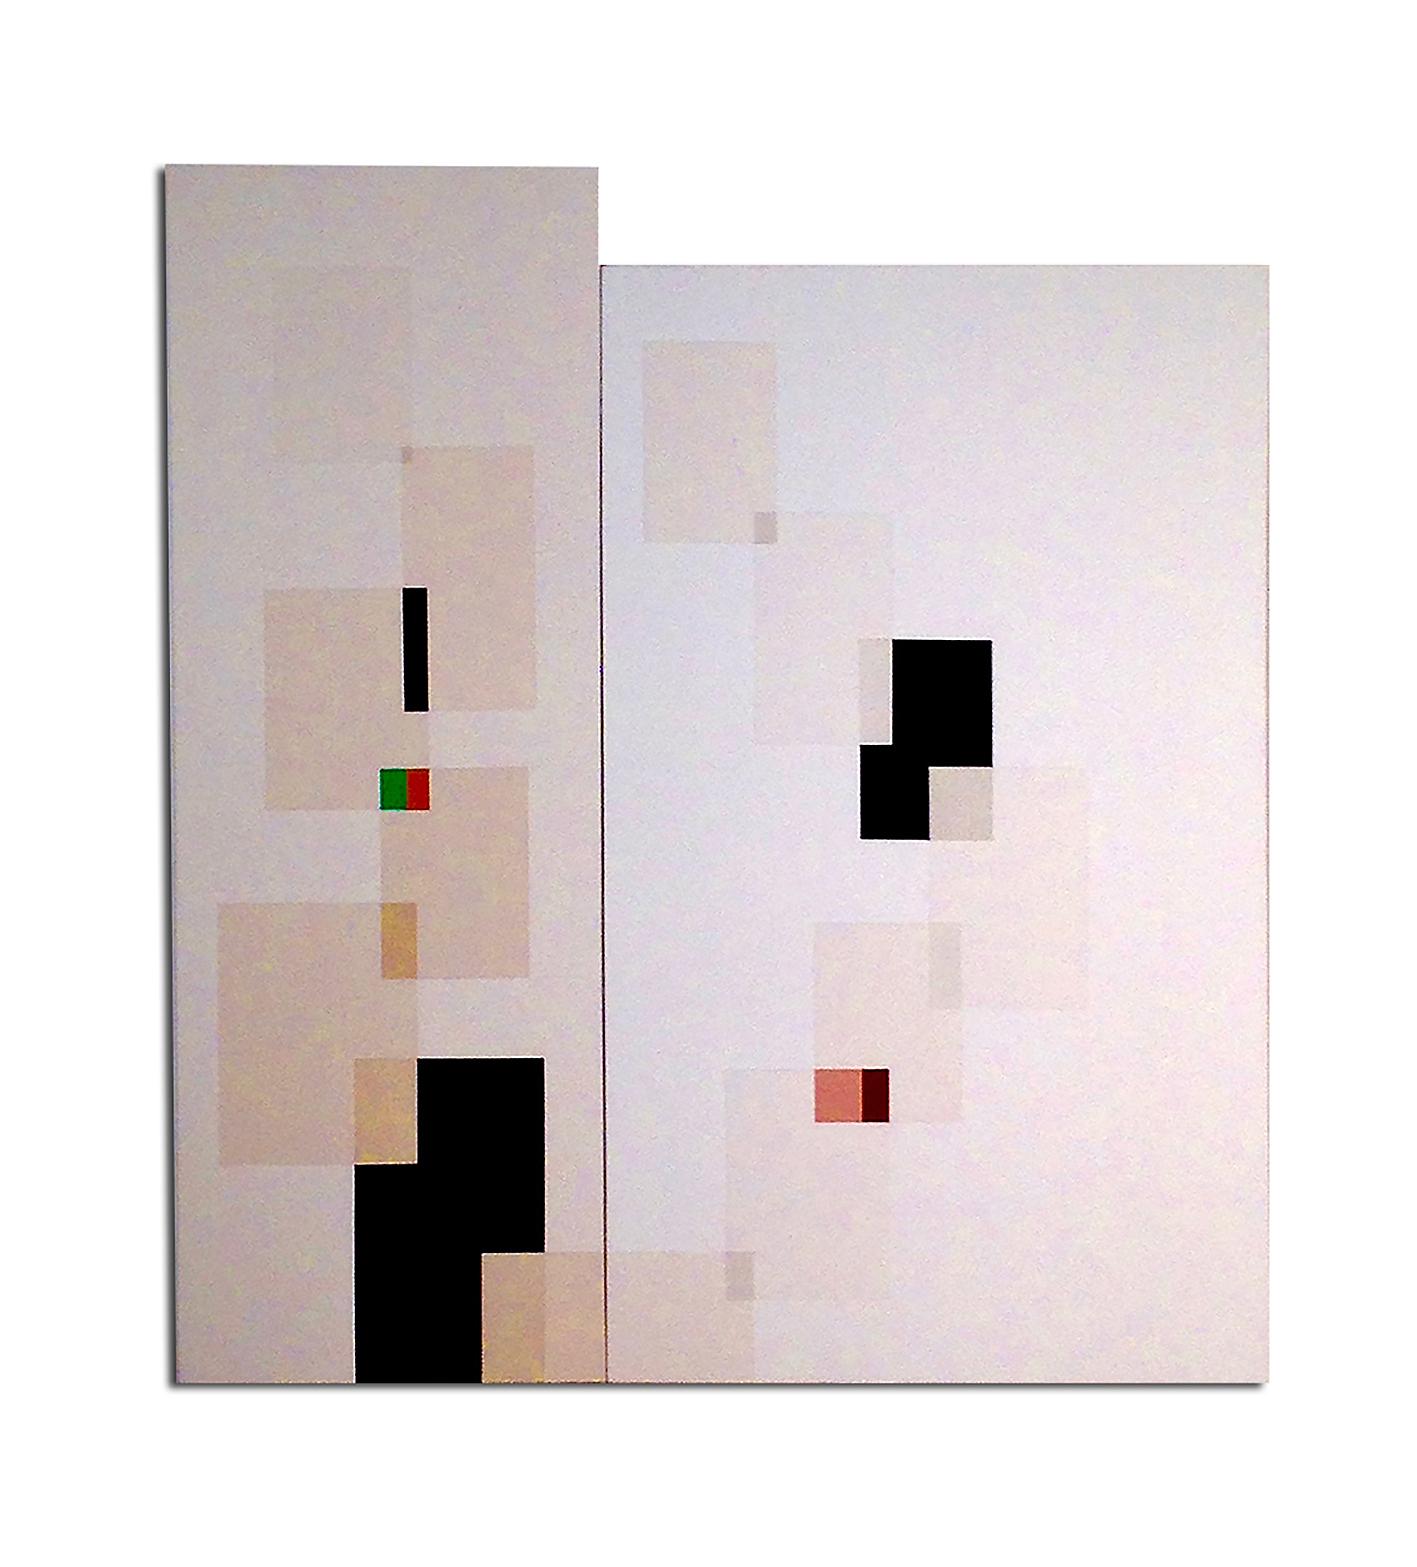 Acrylique sur toile -  110 x 85 x 4 cm